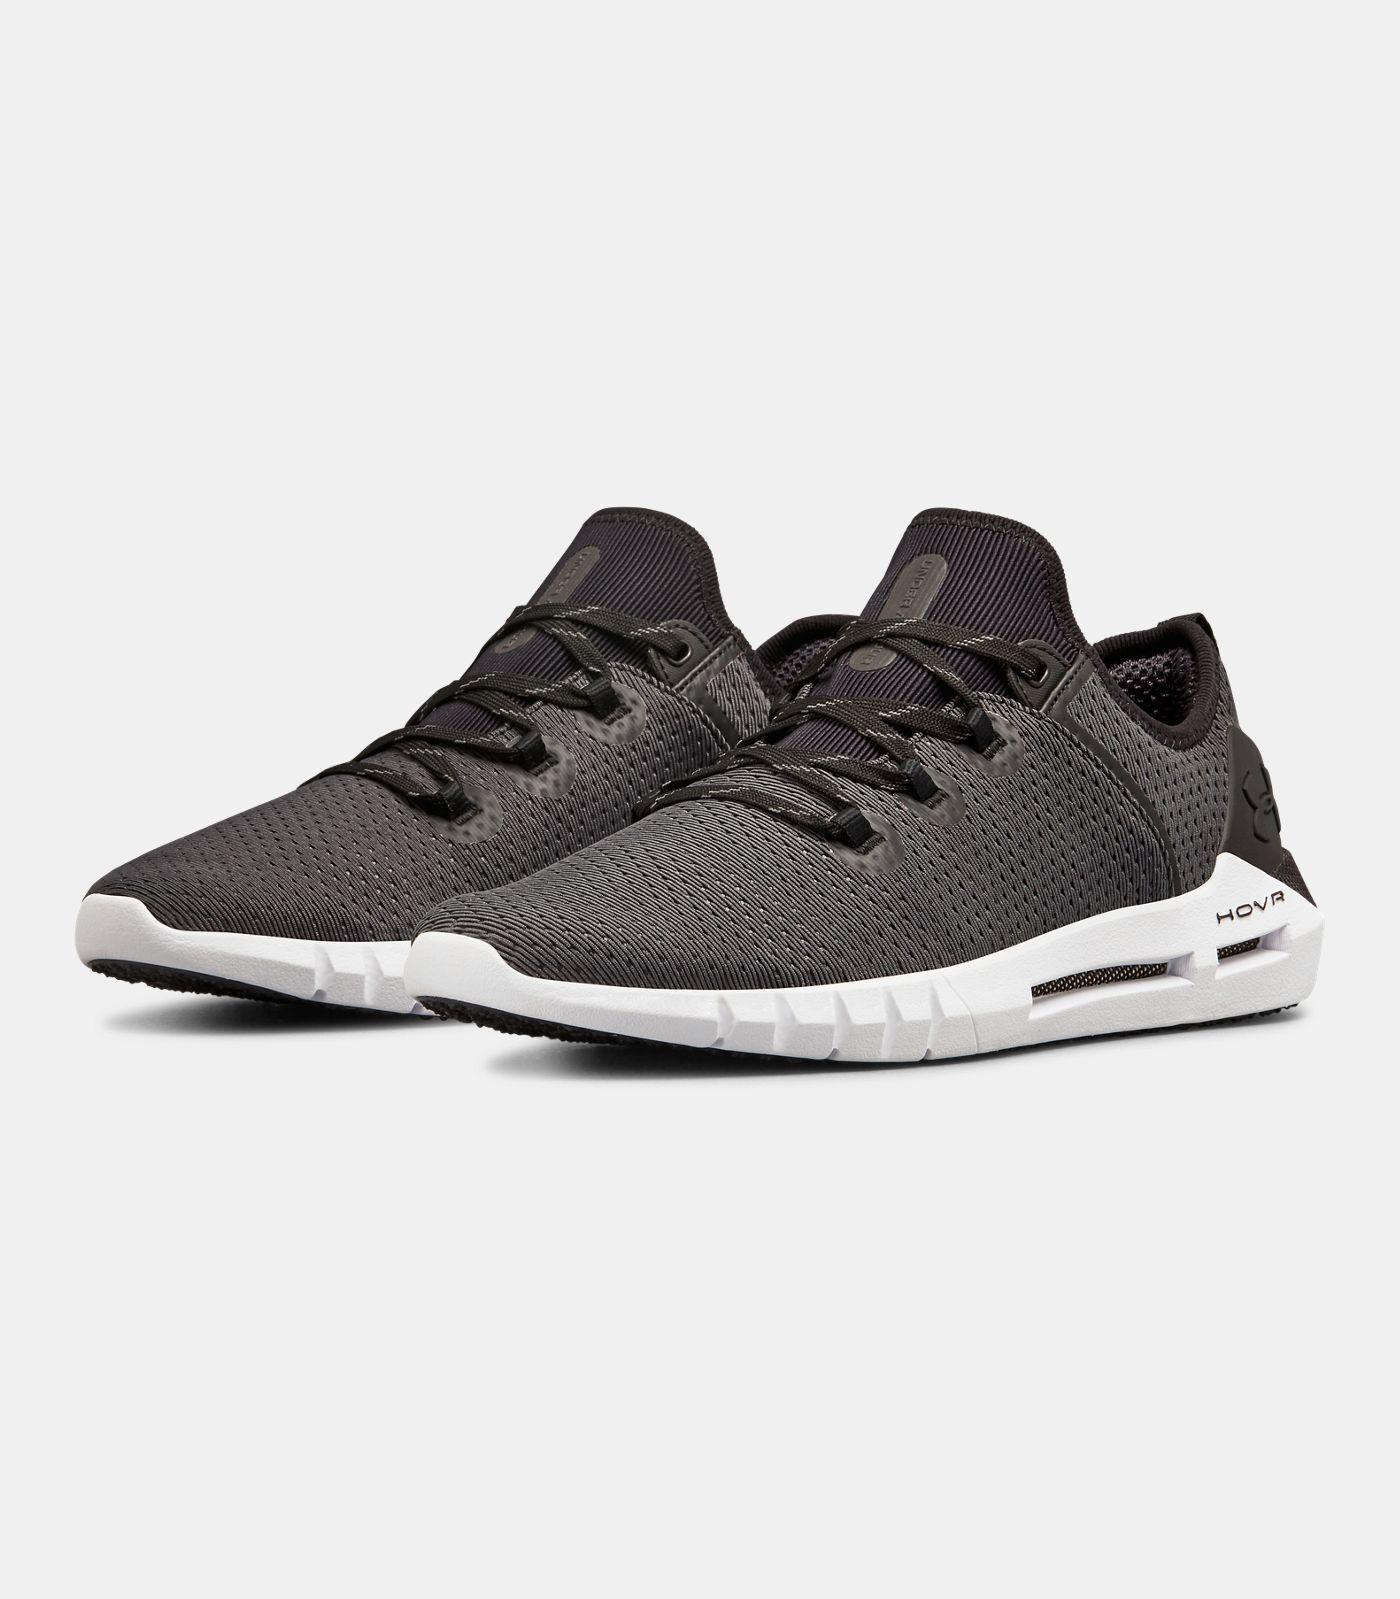 3273467d5a04 Under Armour Mens UA HOVR SLK Running Shoes Mens Shoes Black/White Running  Shoes